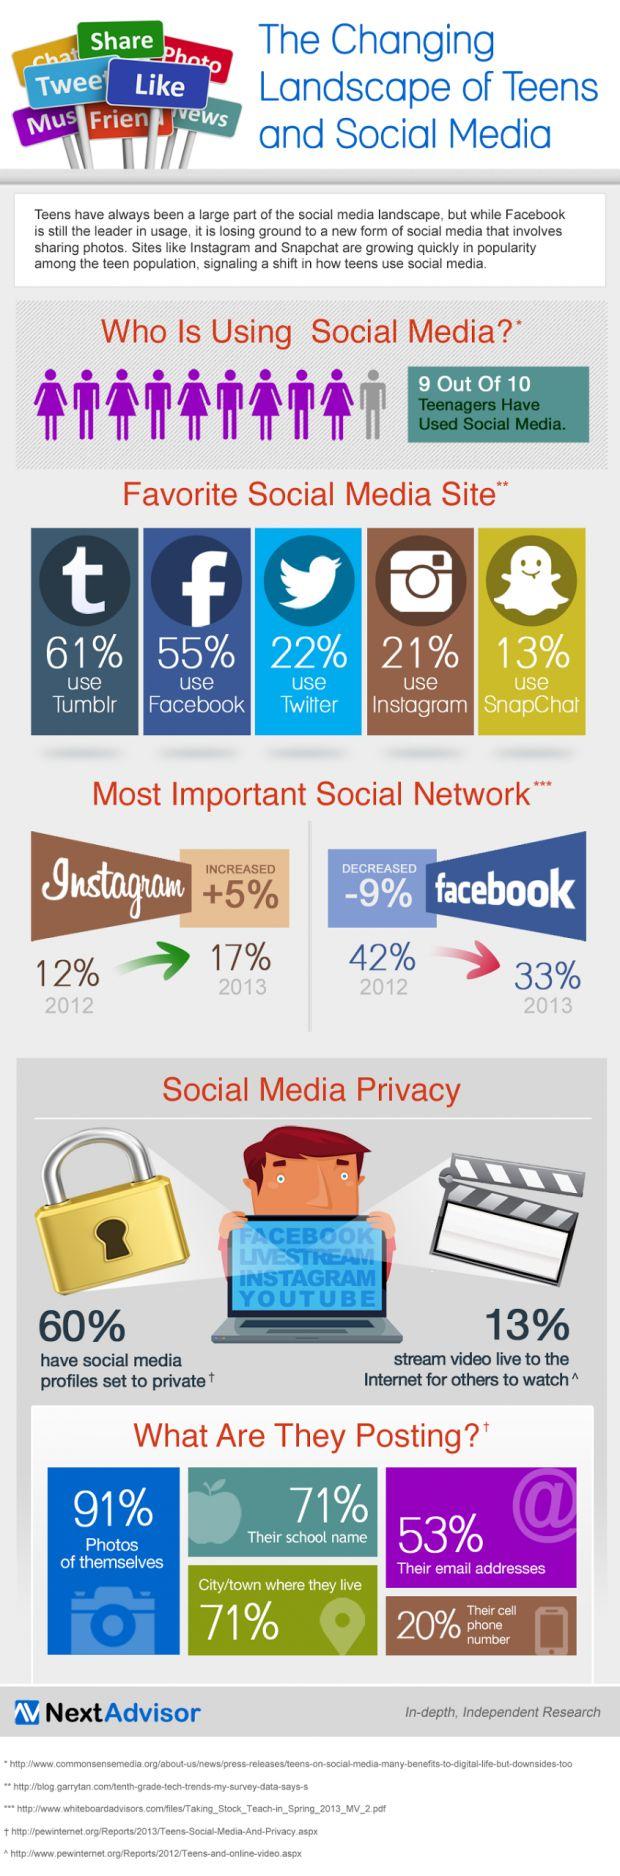 El panorama cambiante de adolescentes y Redes Sociales #infografia #infographic #socialmedia